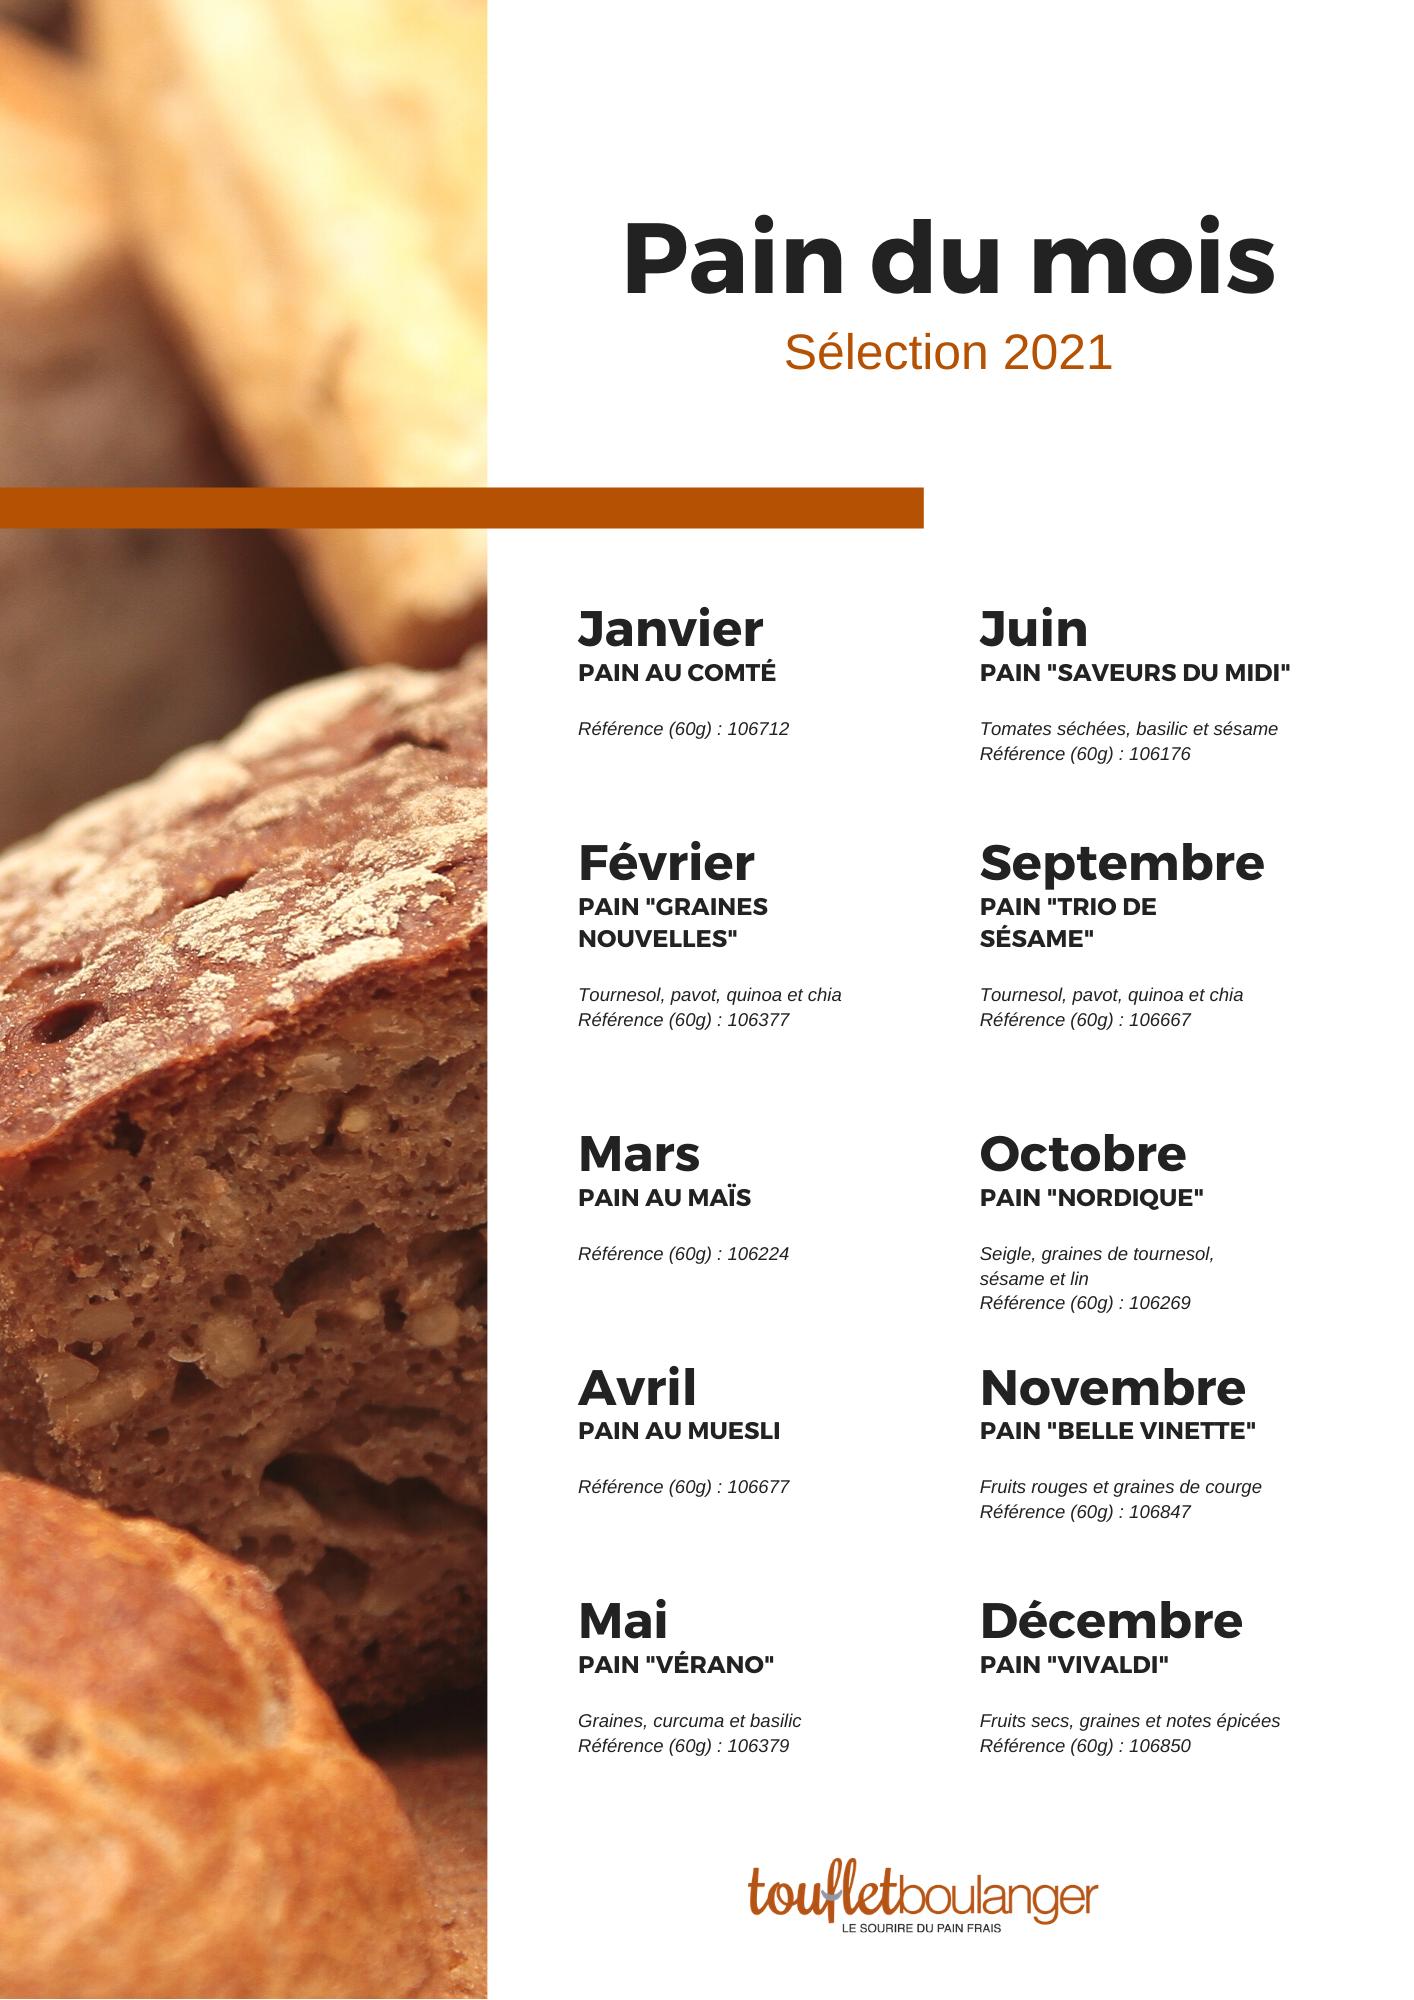 Liste des pains spéciaux 2021